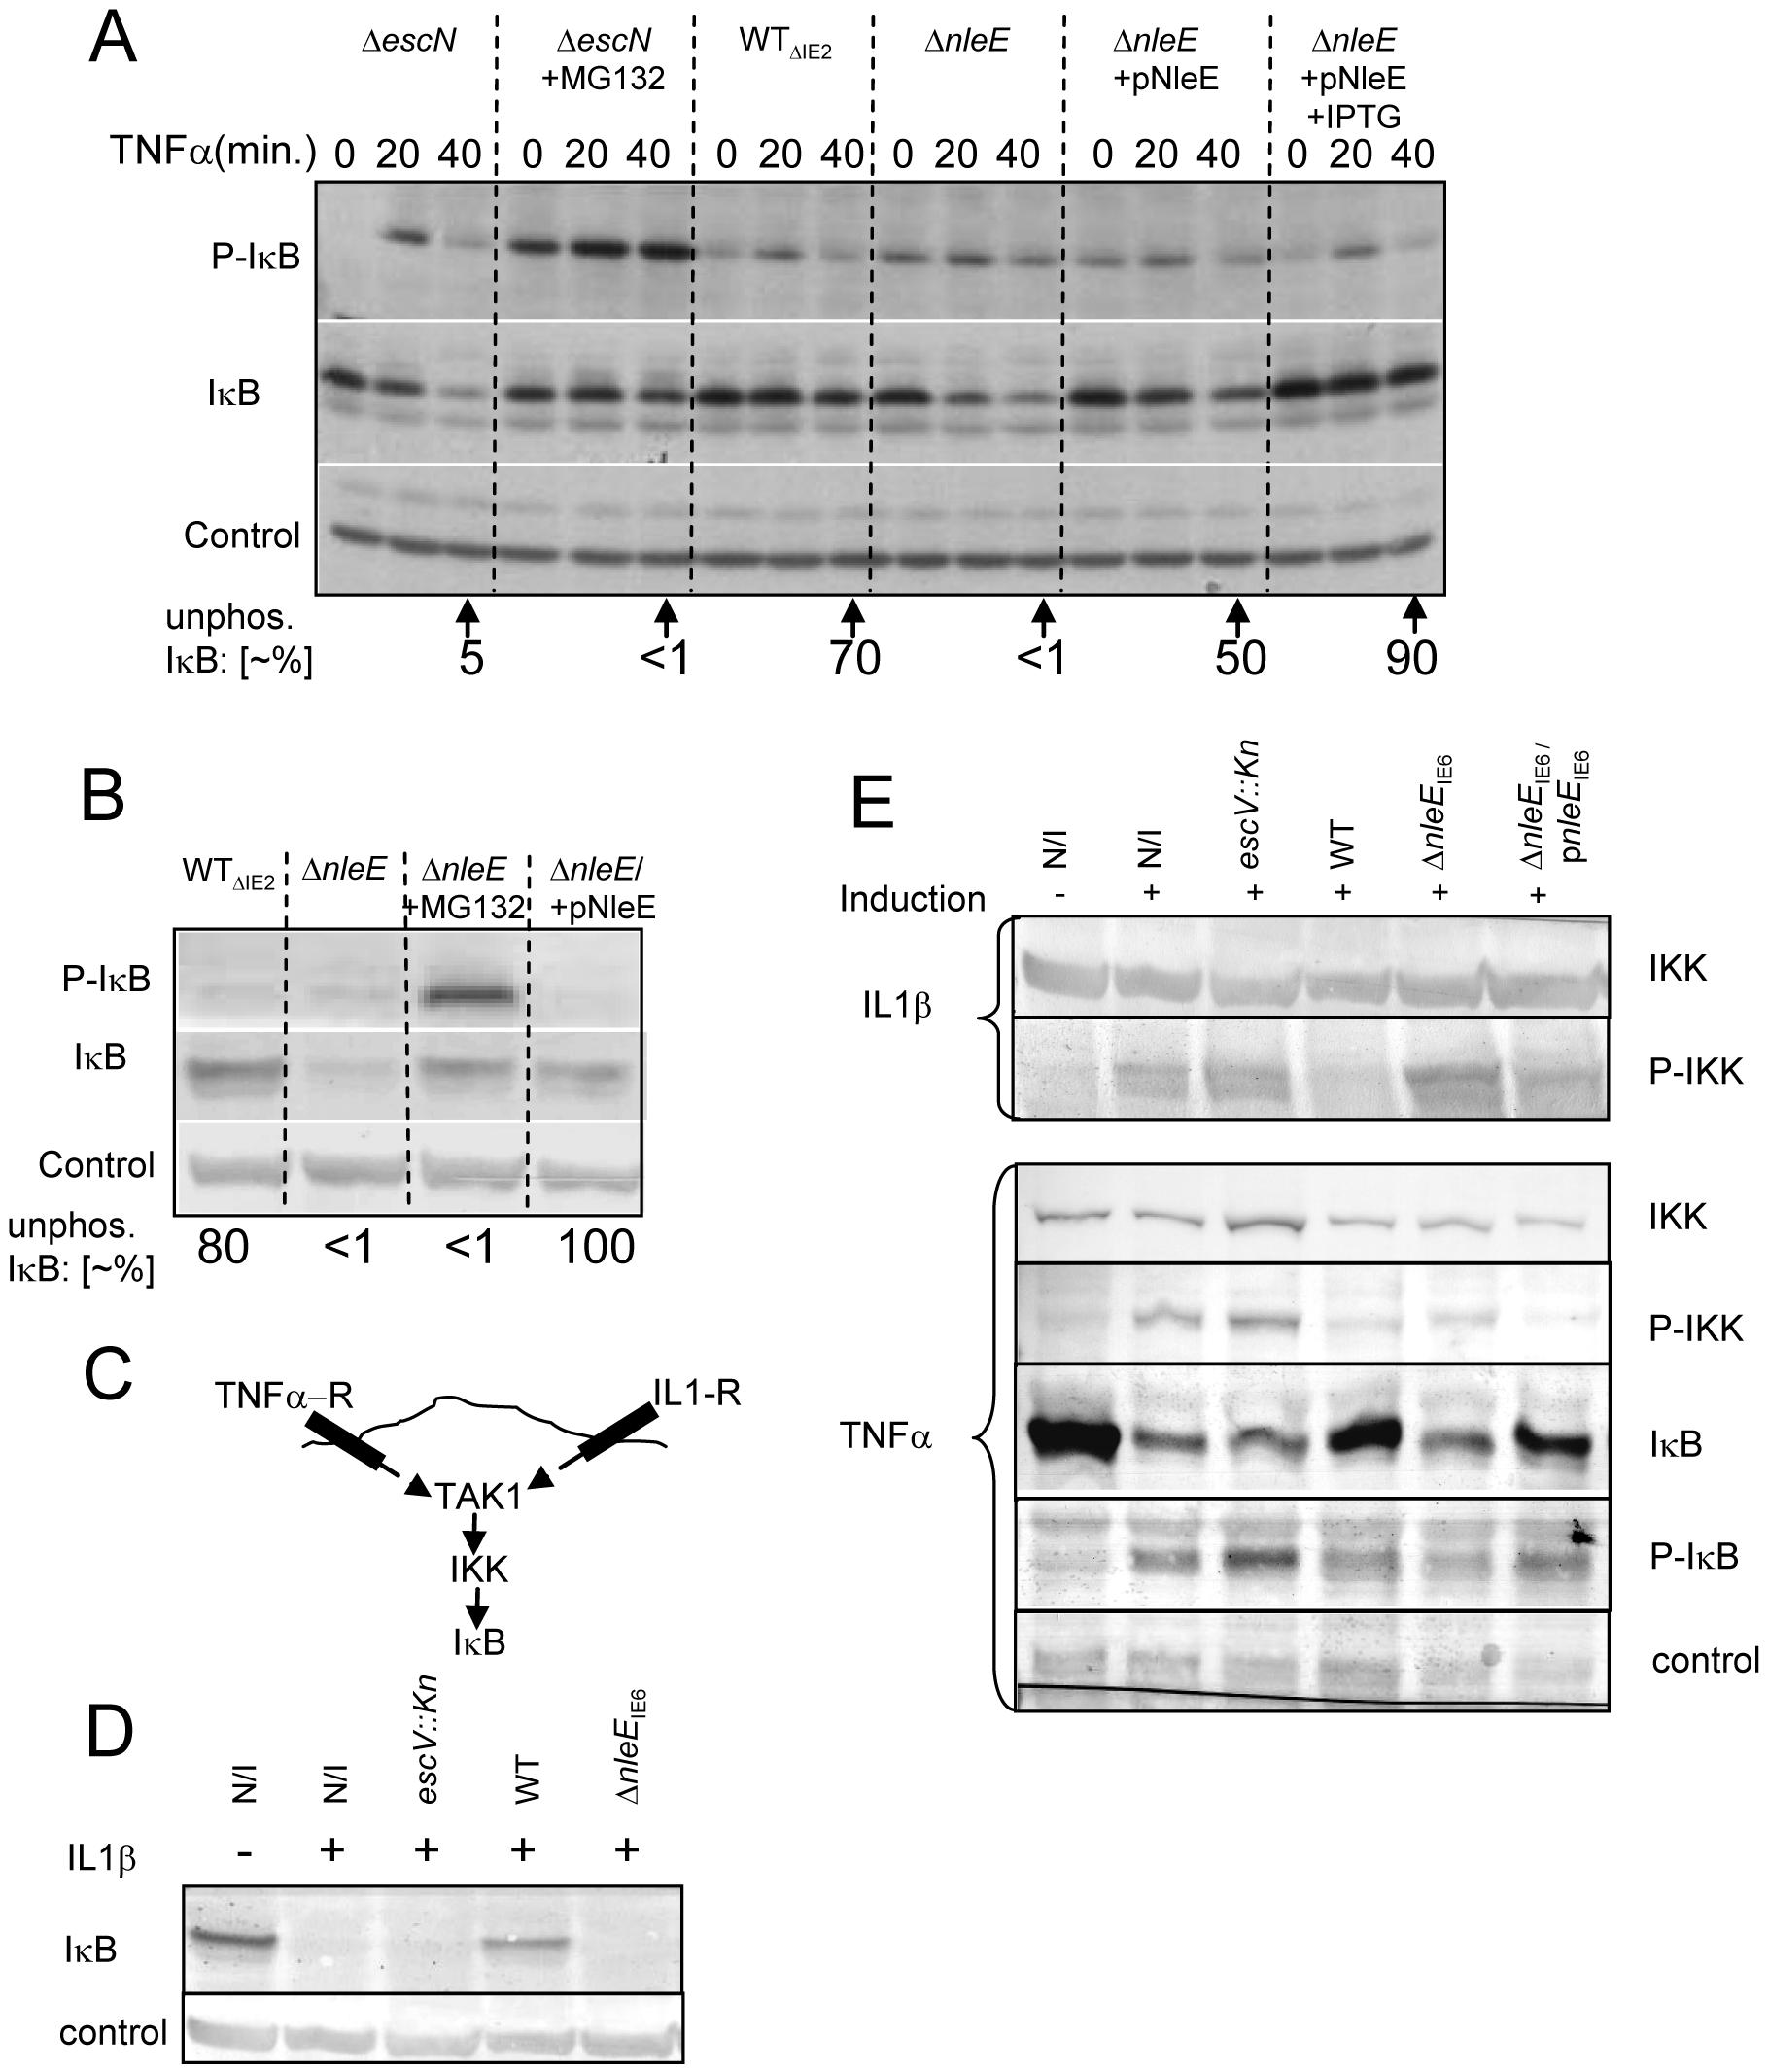 NleE inhibits IκB and IKKβ phosphorylation.